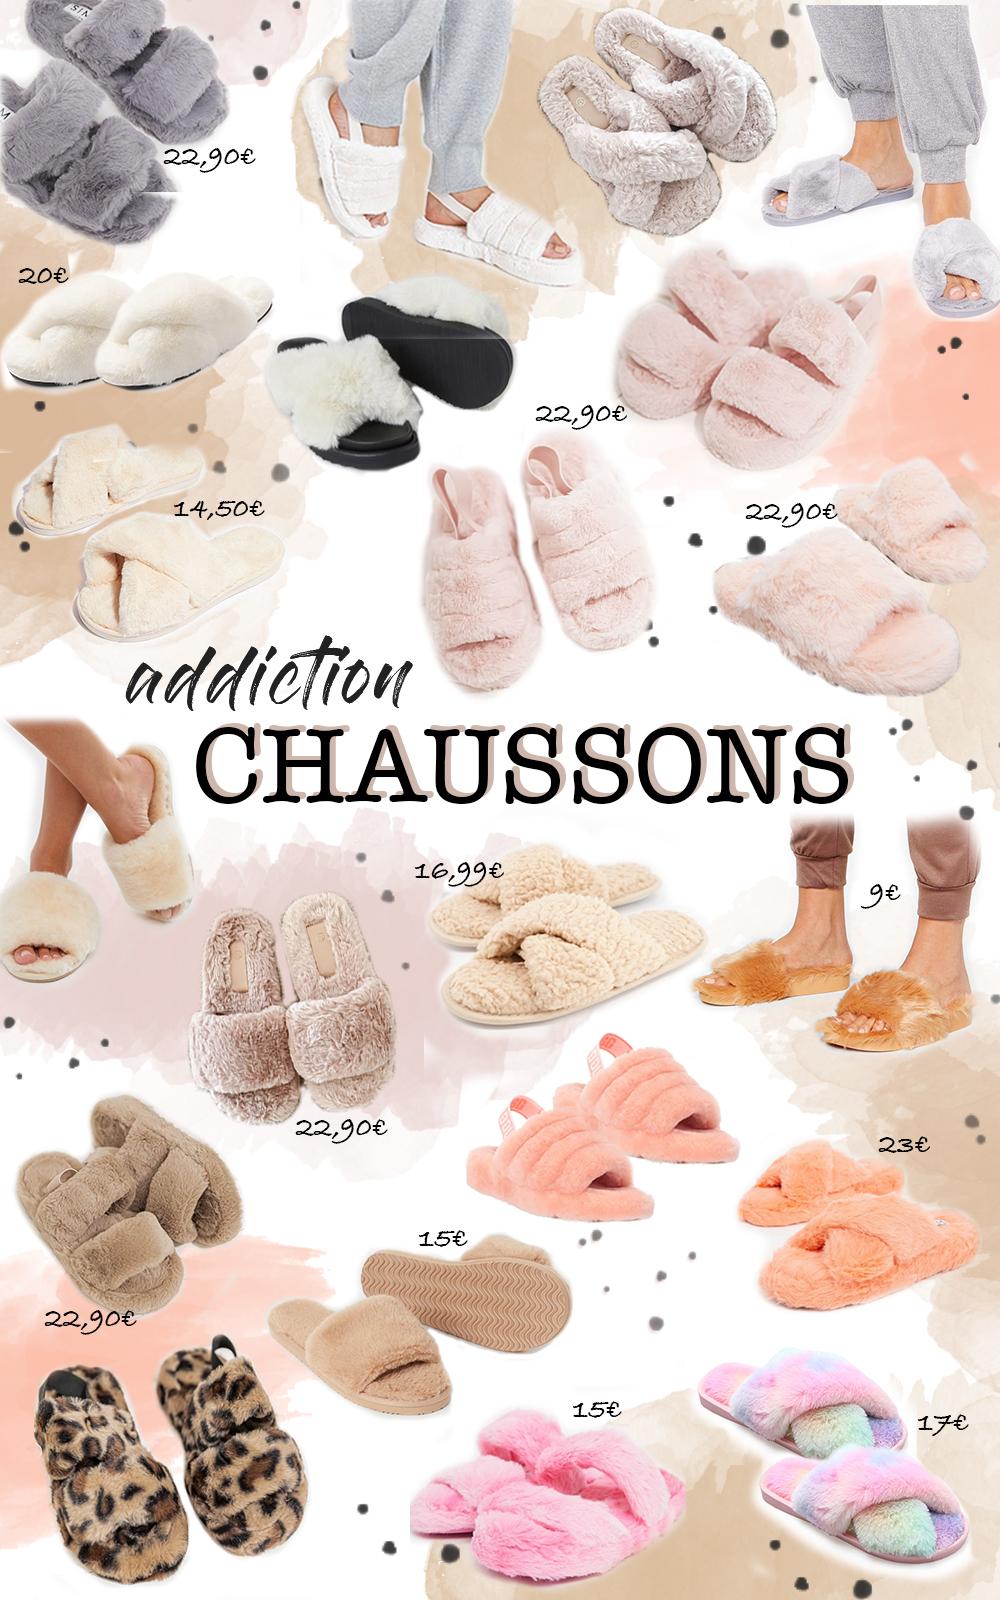 ADDICTION CHAUSSONS